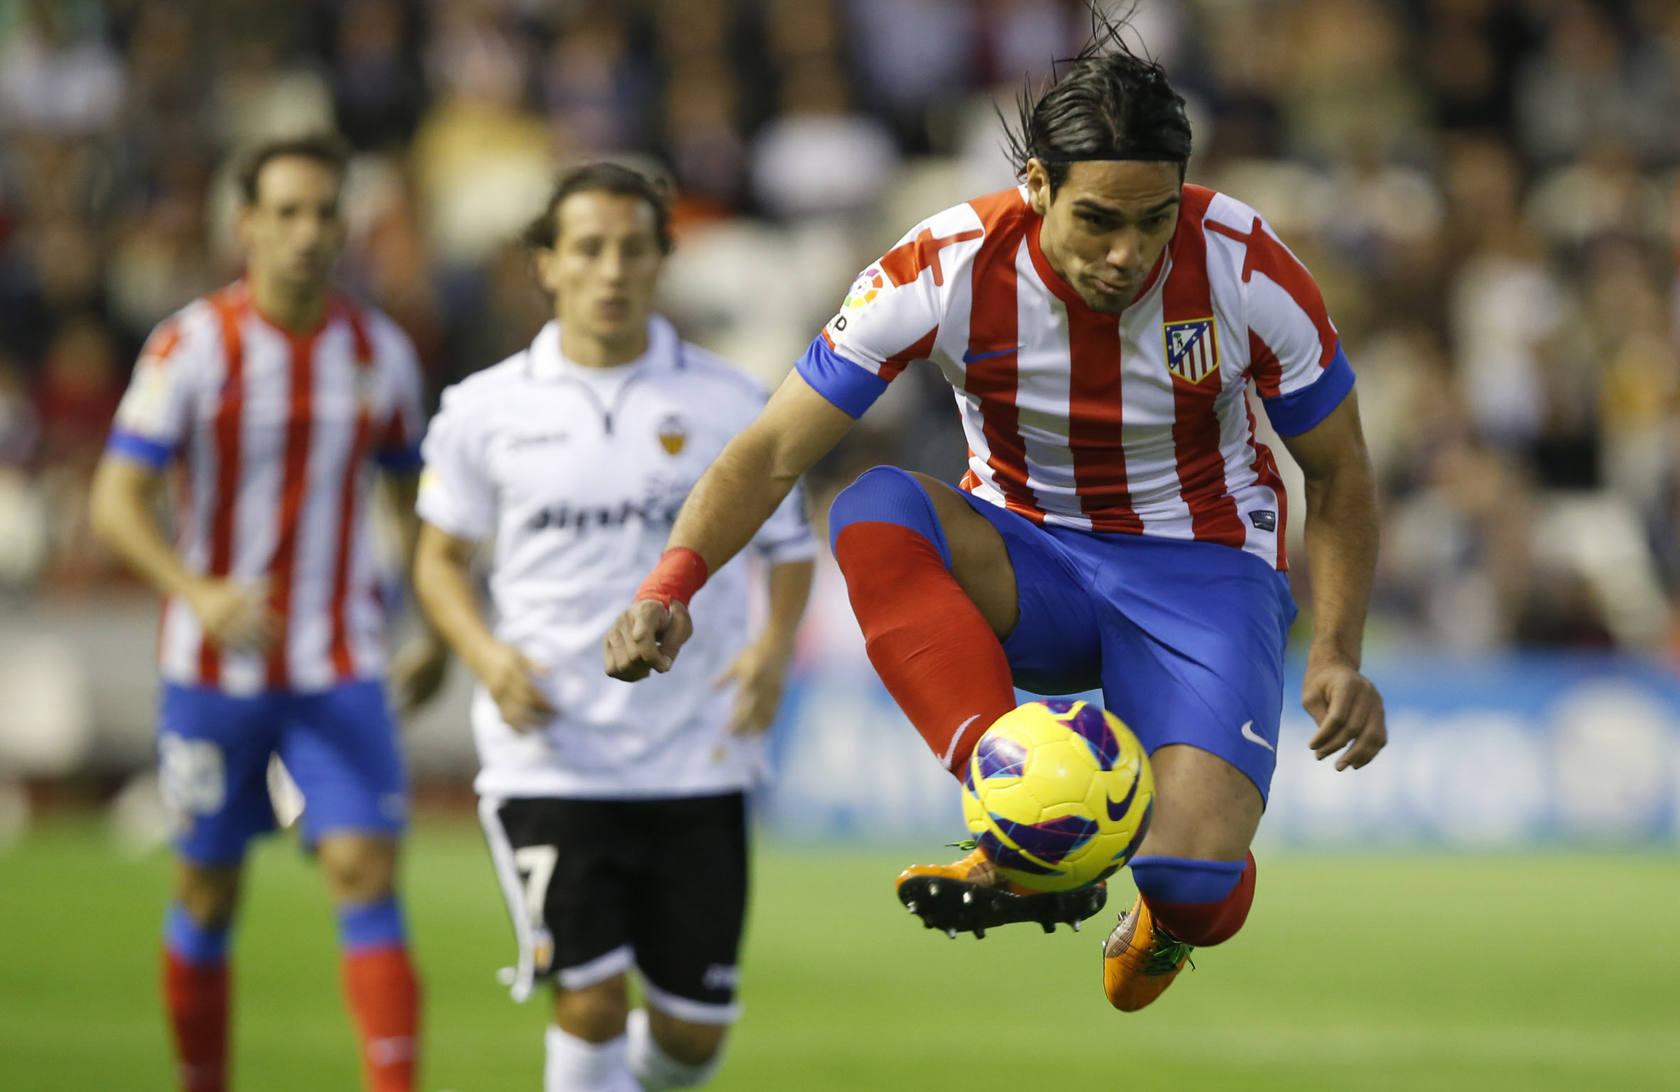 Partido de Liga entre el Valencia CF y el Atlético de Madrid